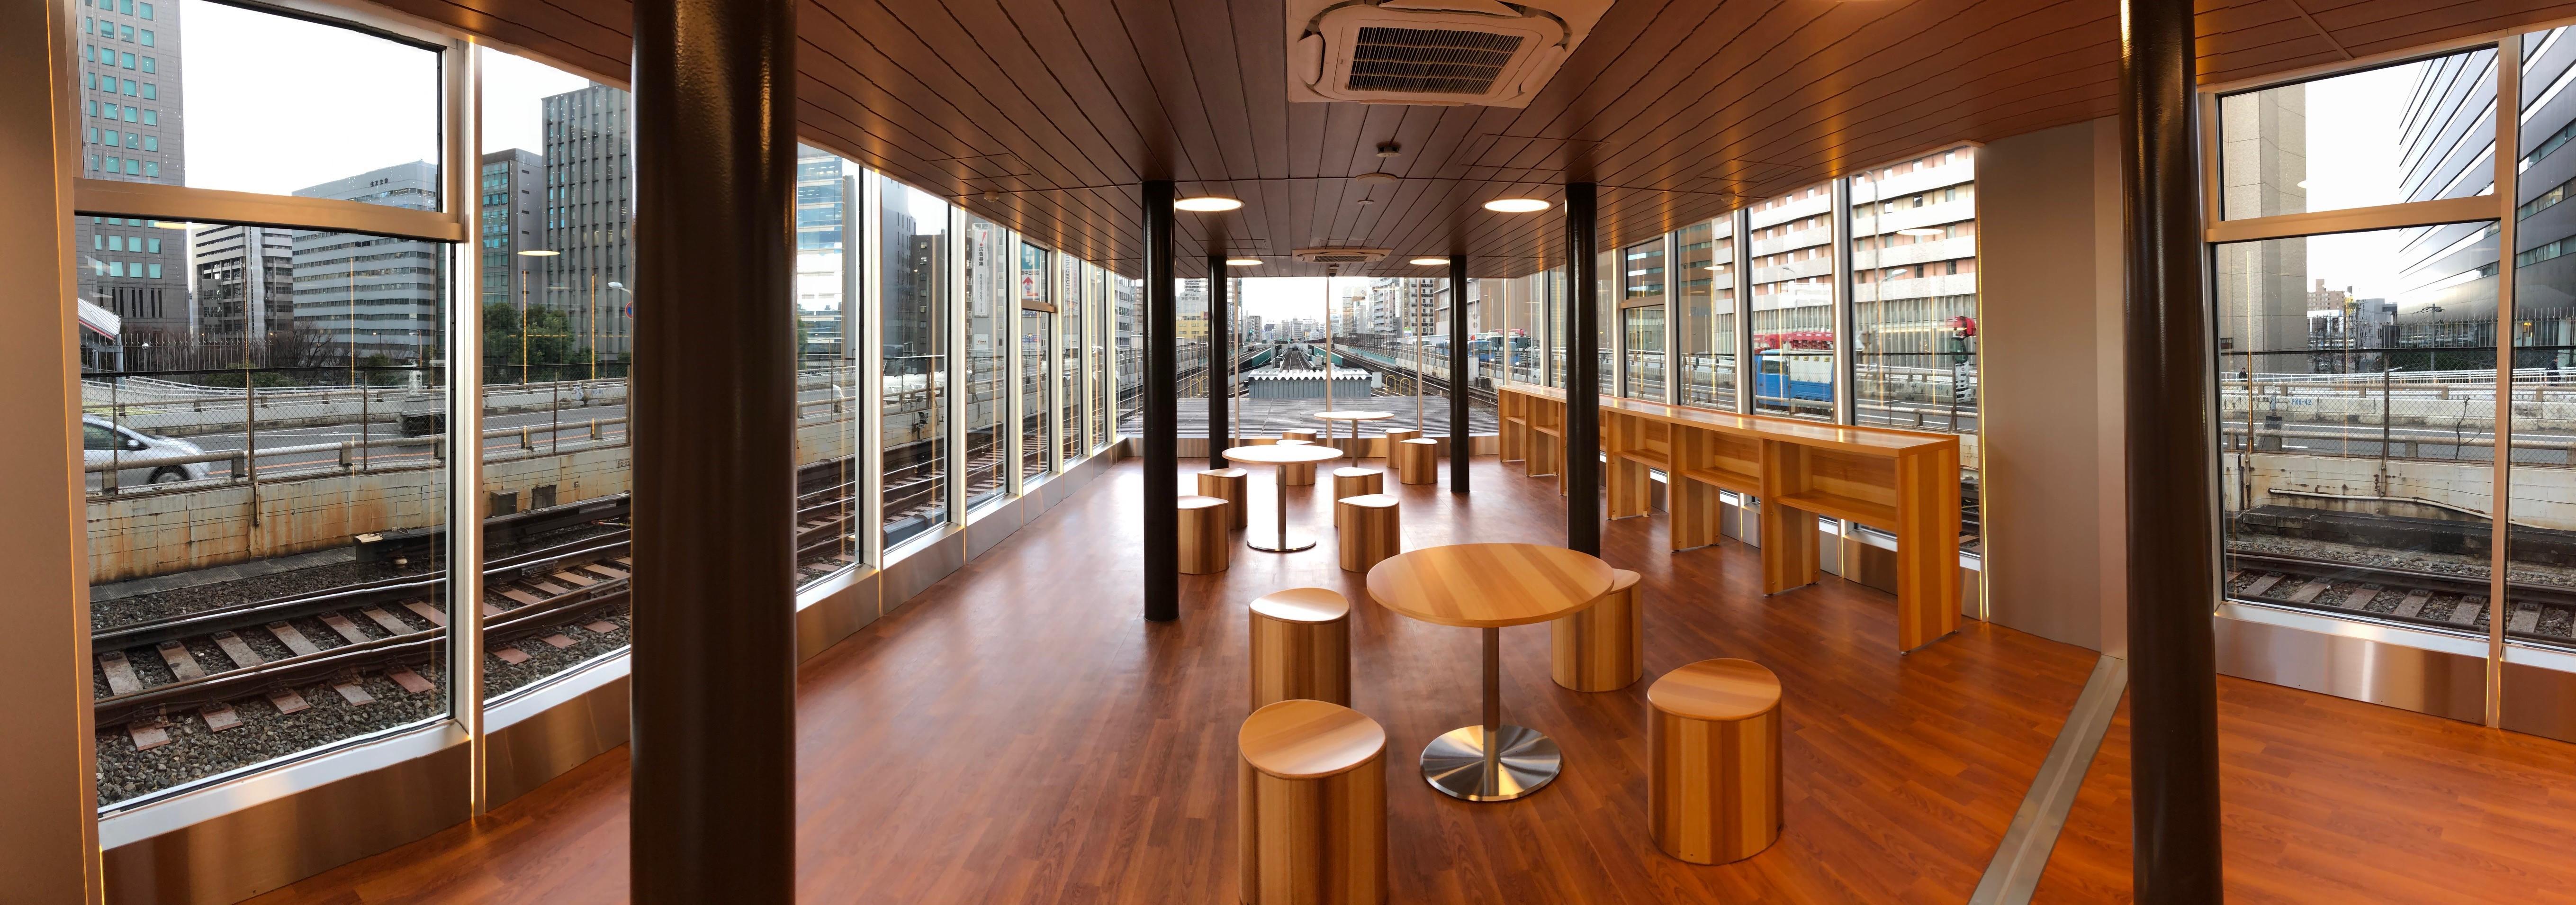 御堂筋線新大阪駅ホームのトレインビュースポット